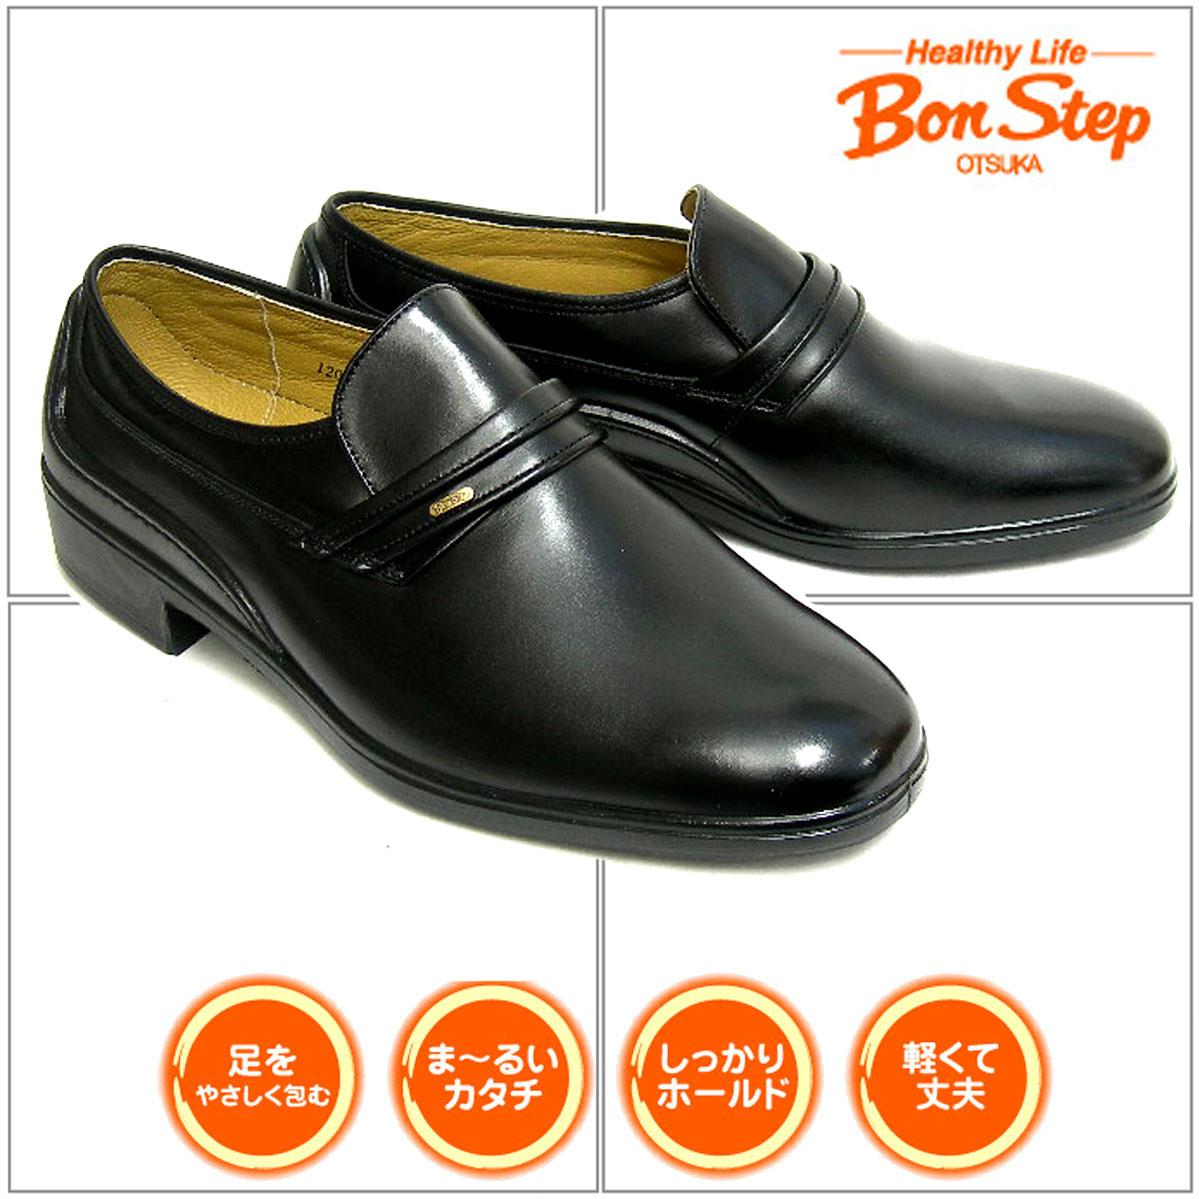 ボンステップBONSTEP【メンズ】BS5052【送料無料】